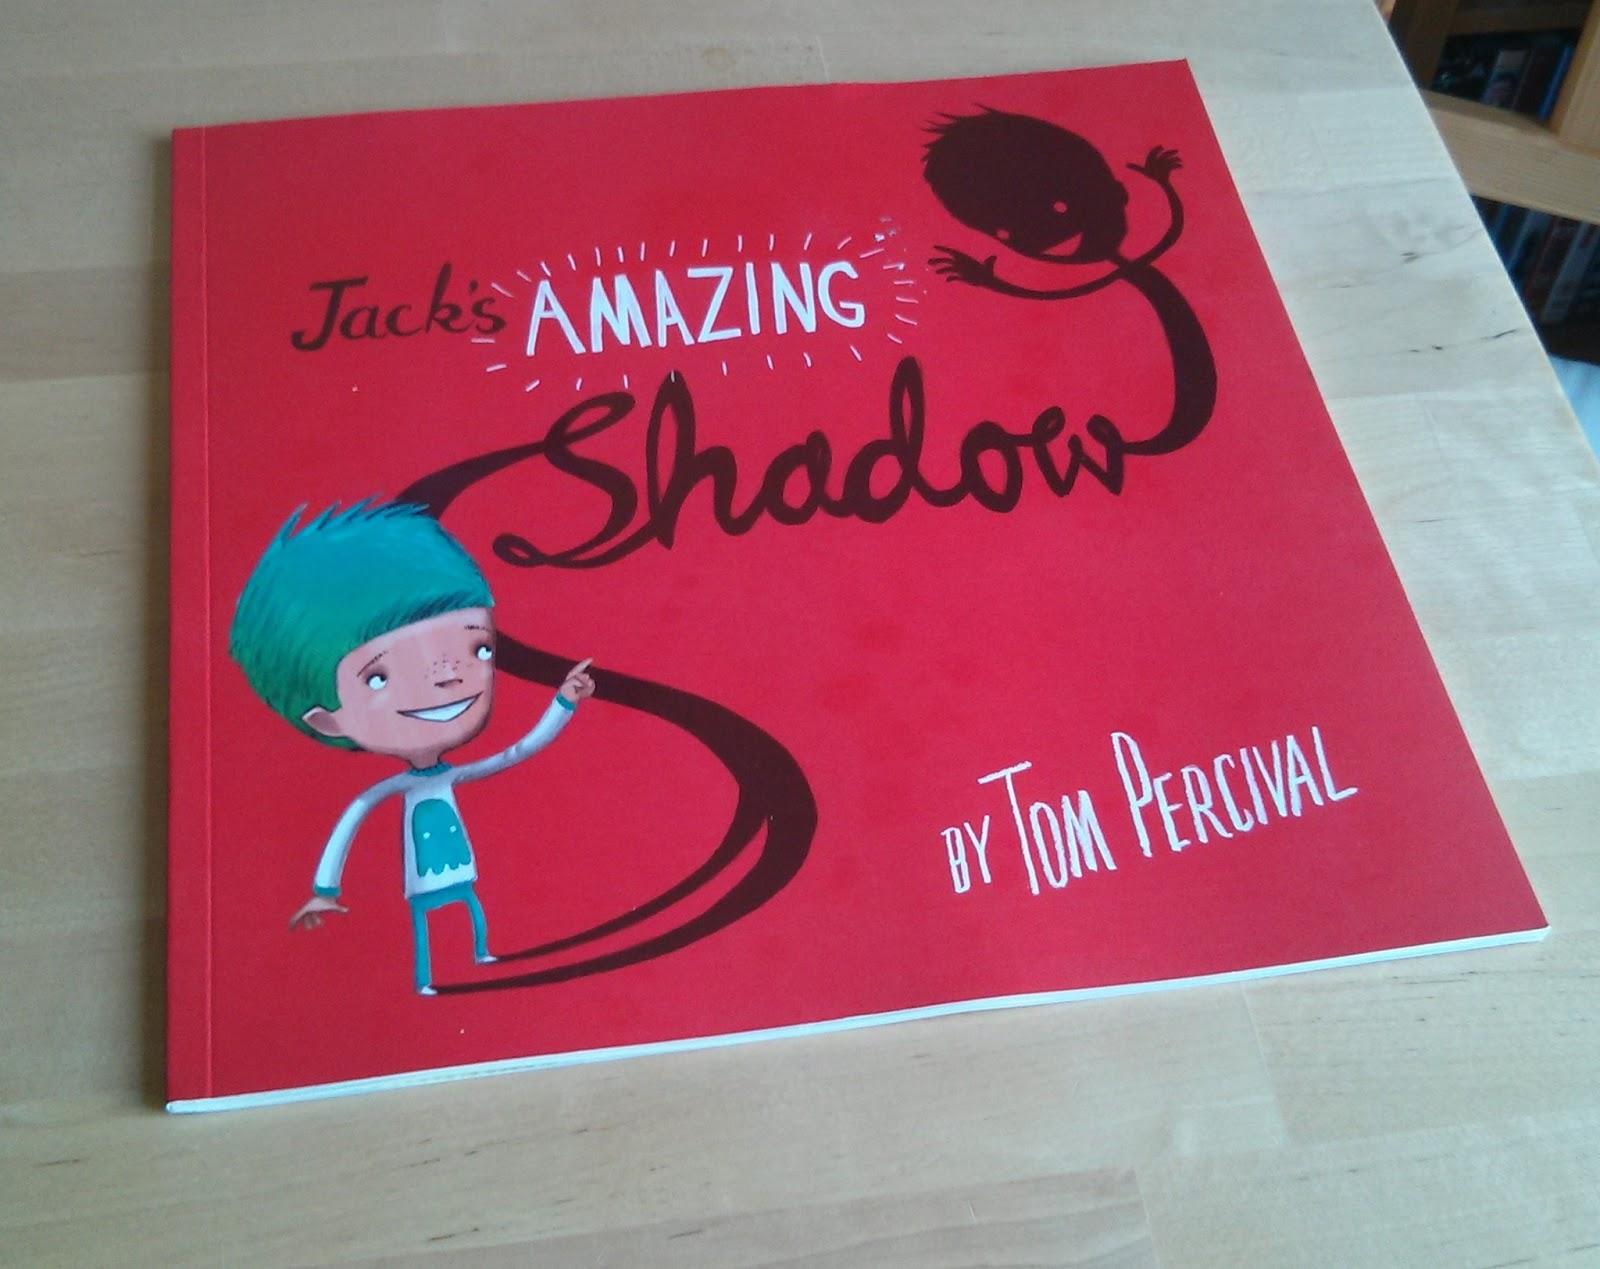 Jacks Shadow